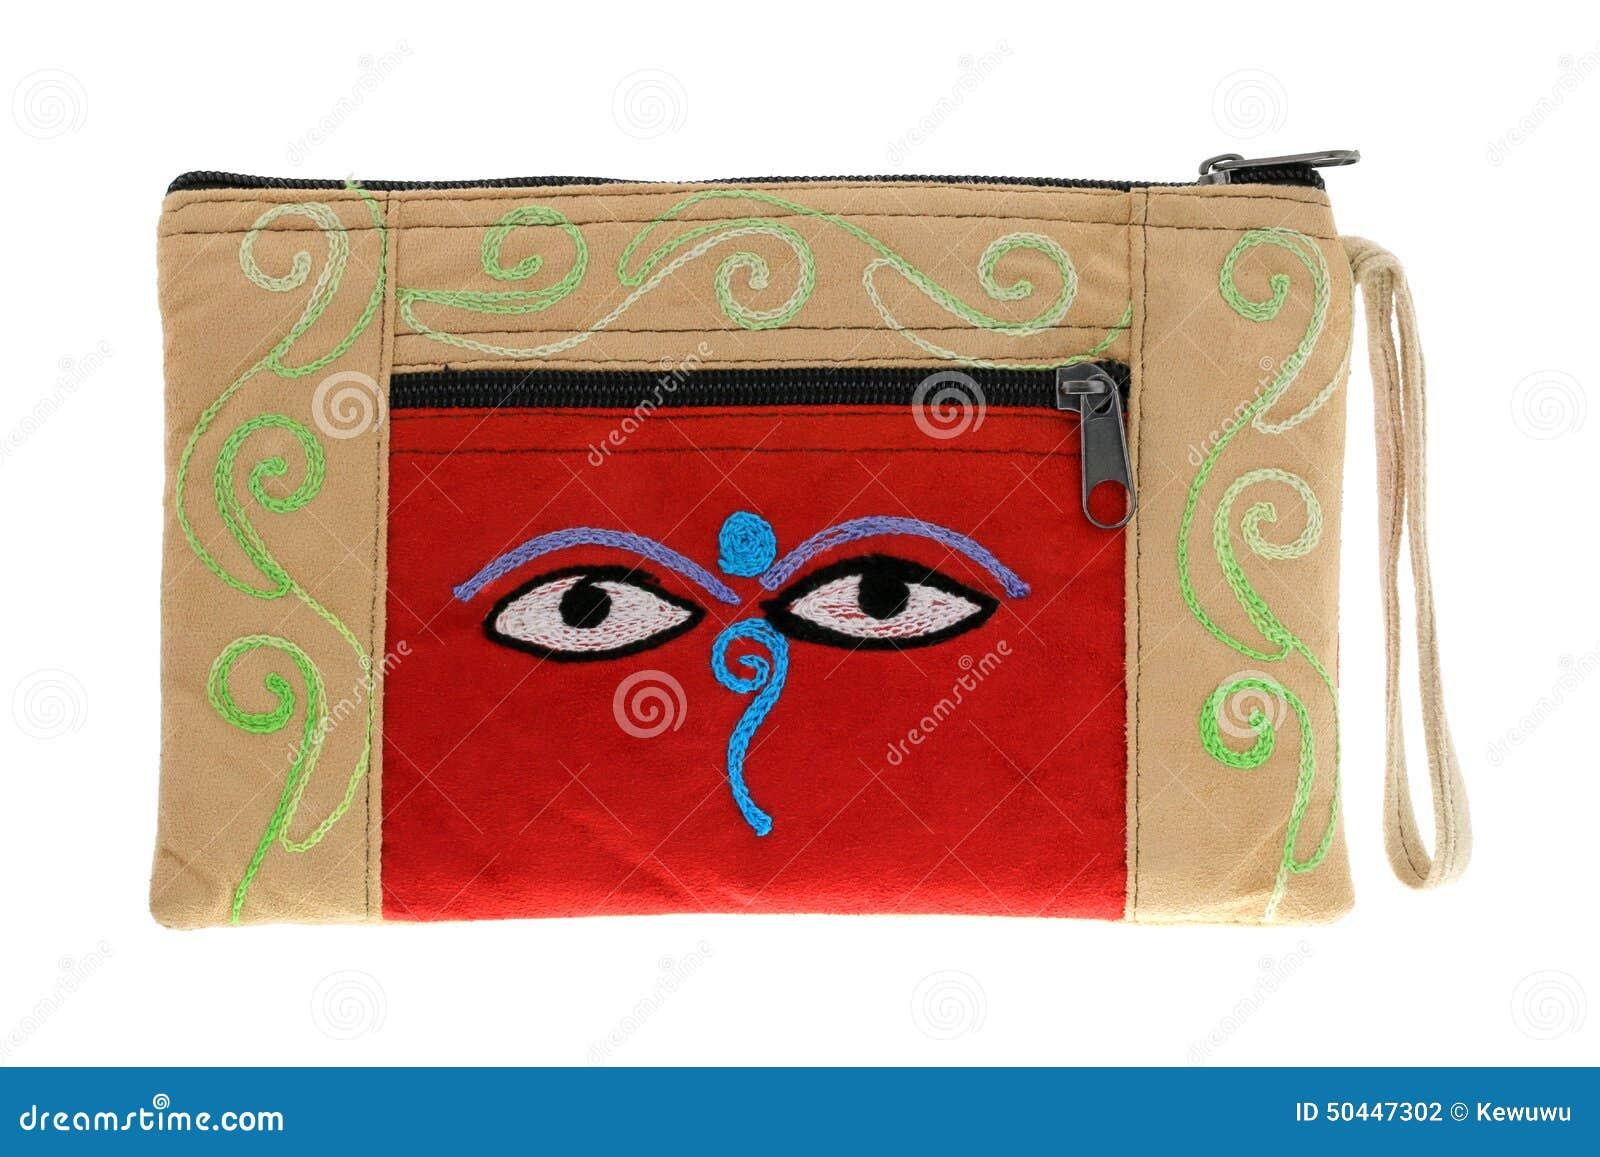 Eyes of buddha isolated symbol stock illustration illustration beige bag with symbol nepali buddha eyes stock photography biocorpaavc Images